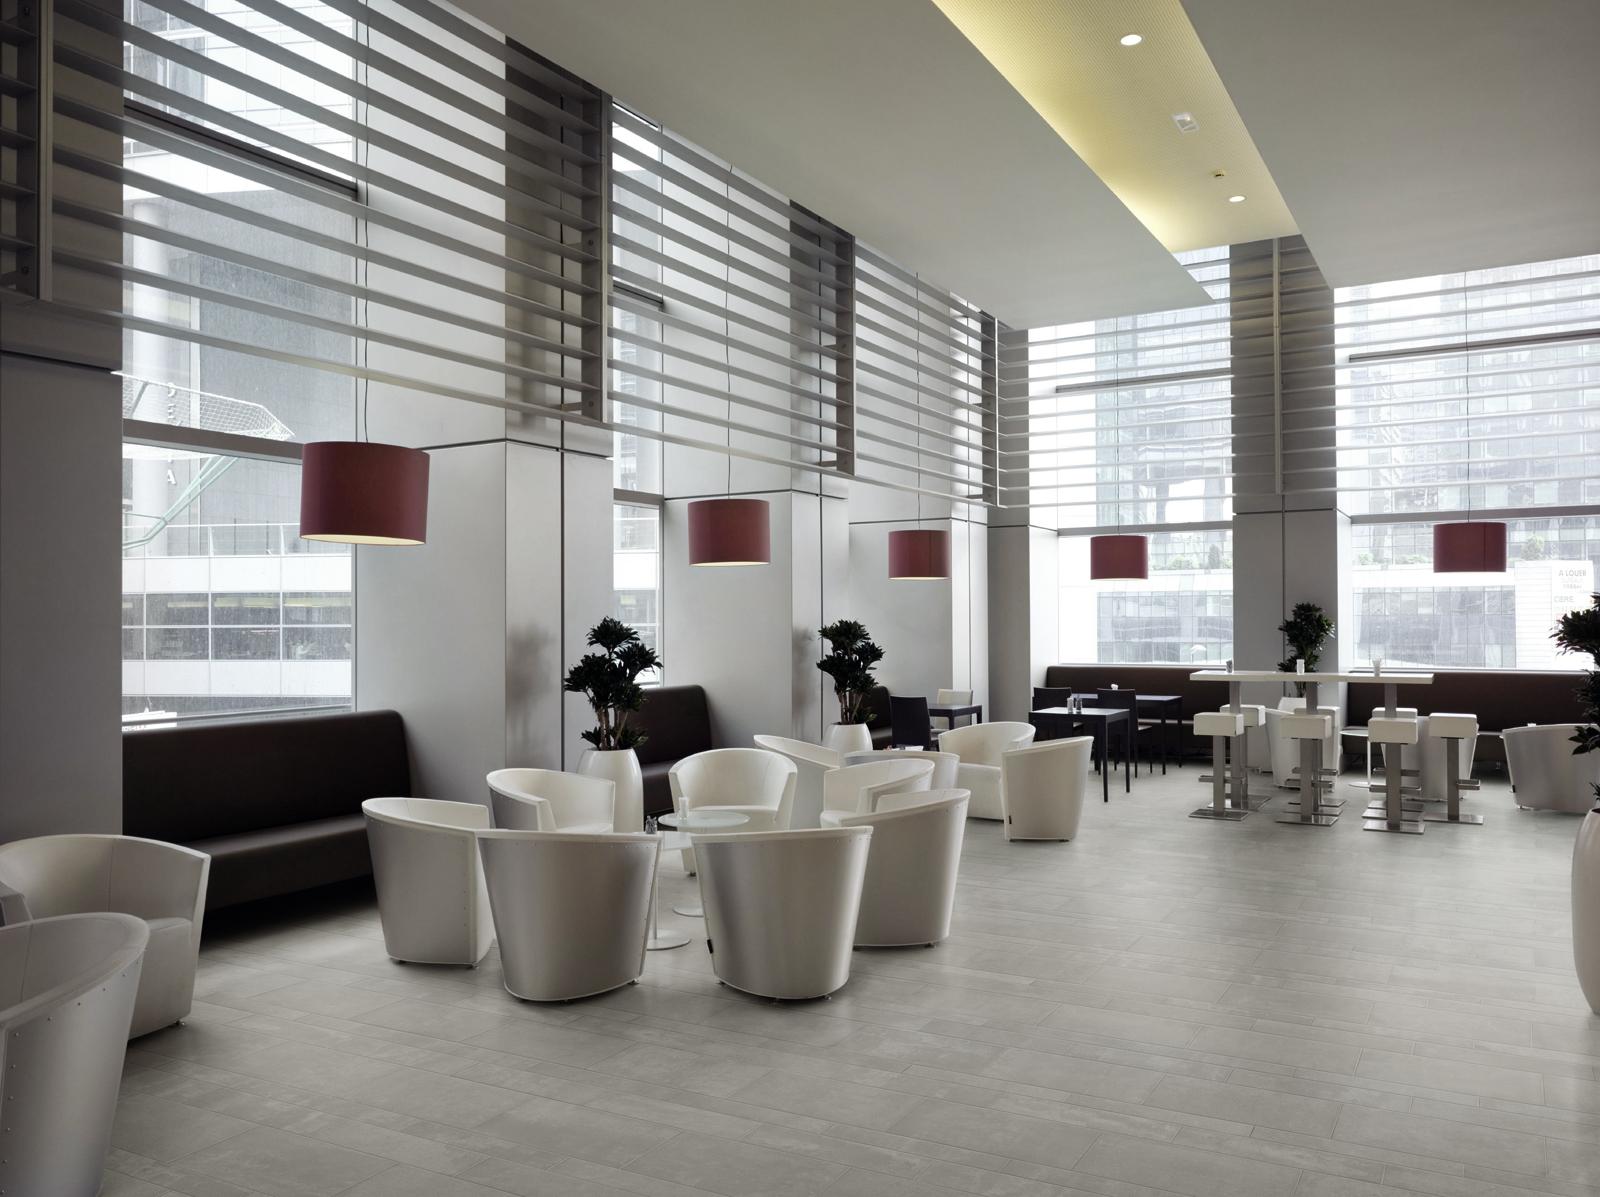 Piastrelle attivit commerciali e grandi spazi marazzi - Prezzo posa piastrelle 60x60 ...